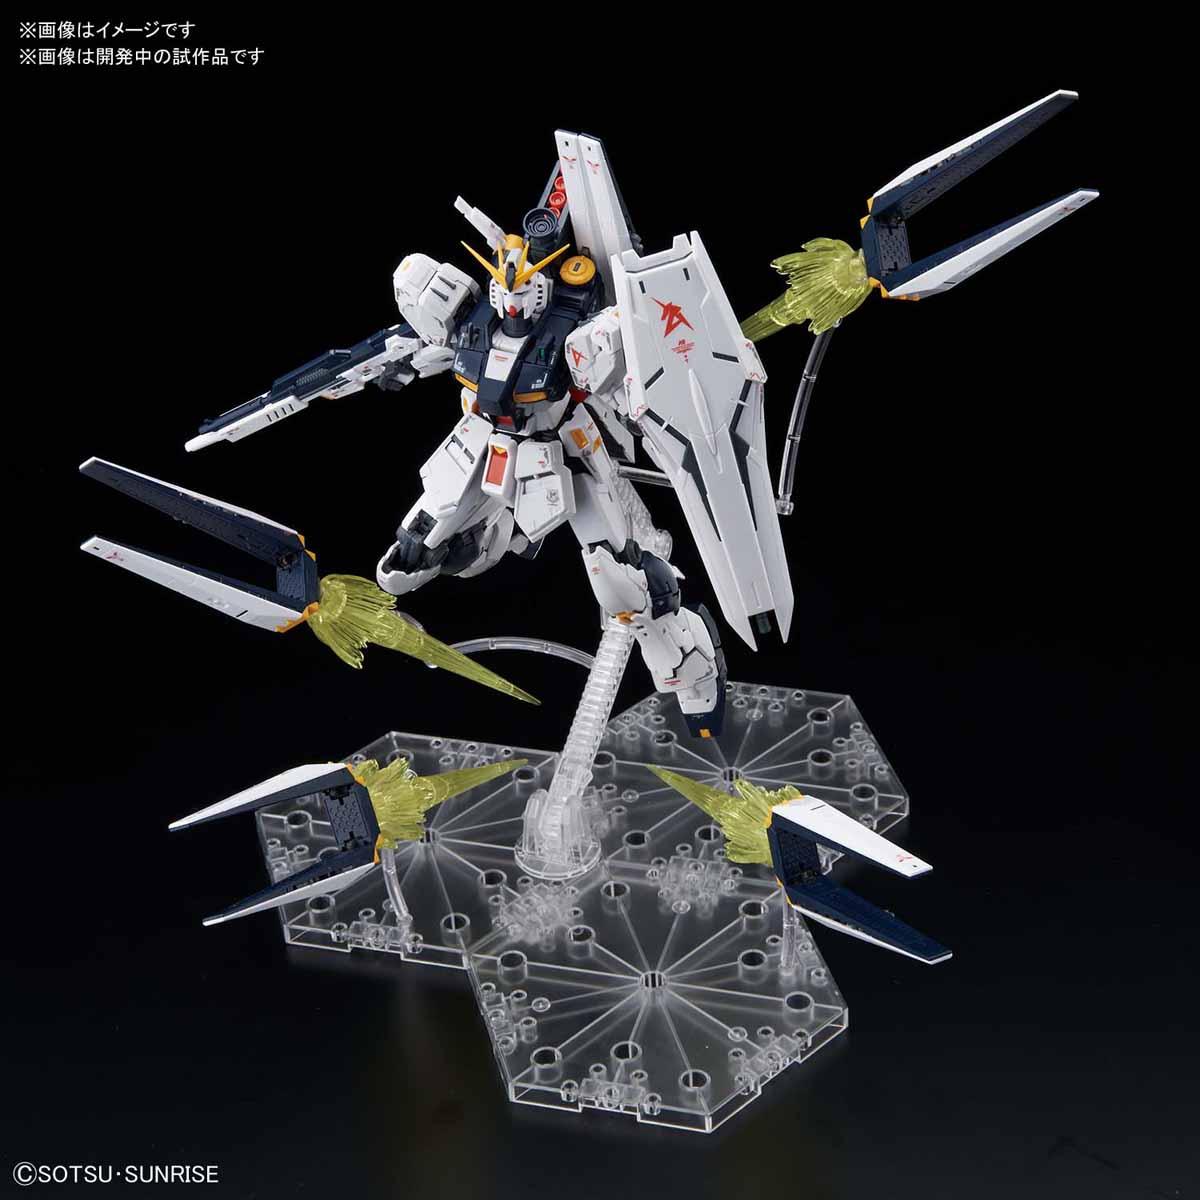 RG 1/144『νガンダム フィン・ファンネルエフェクトセット』逆襲のシャア プラモデル-001